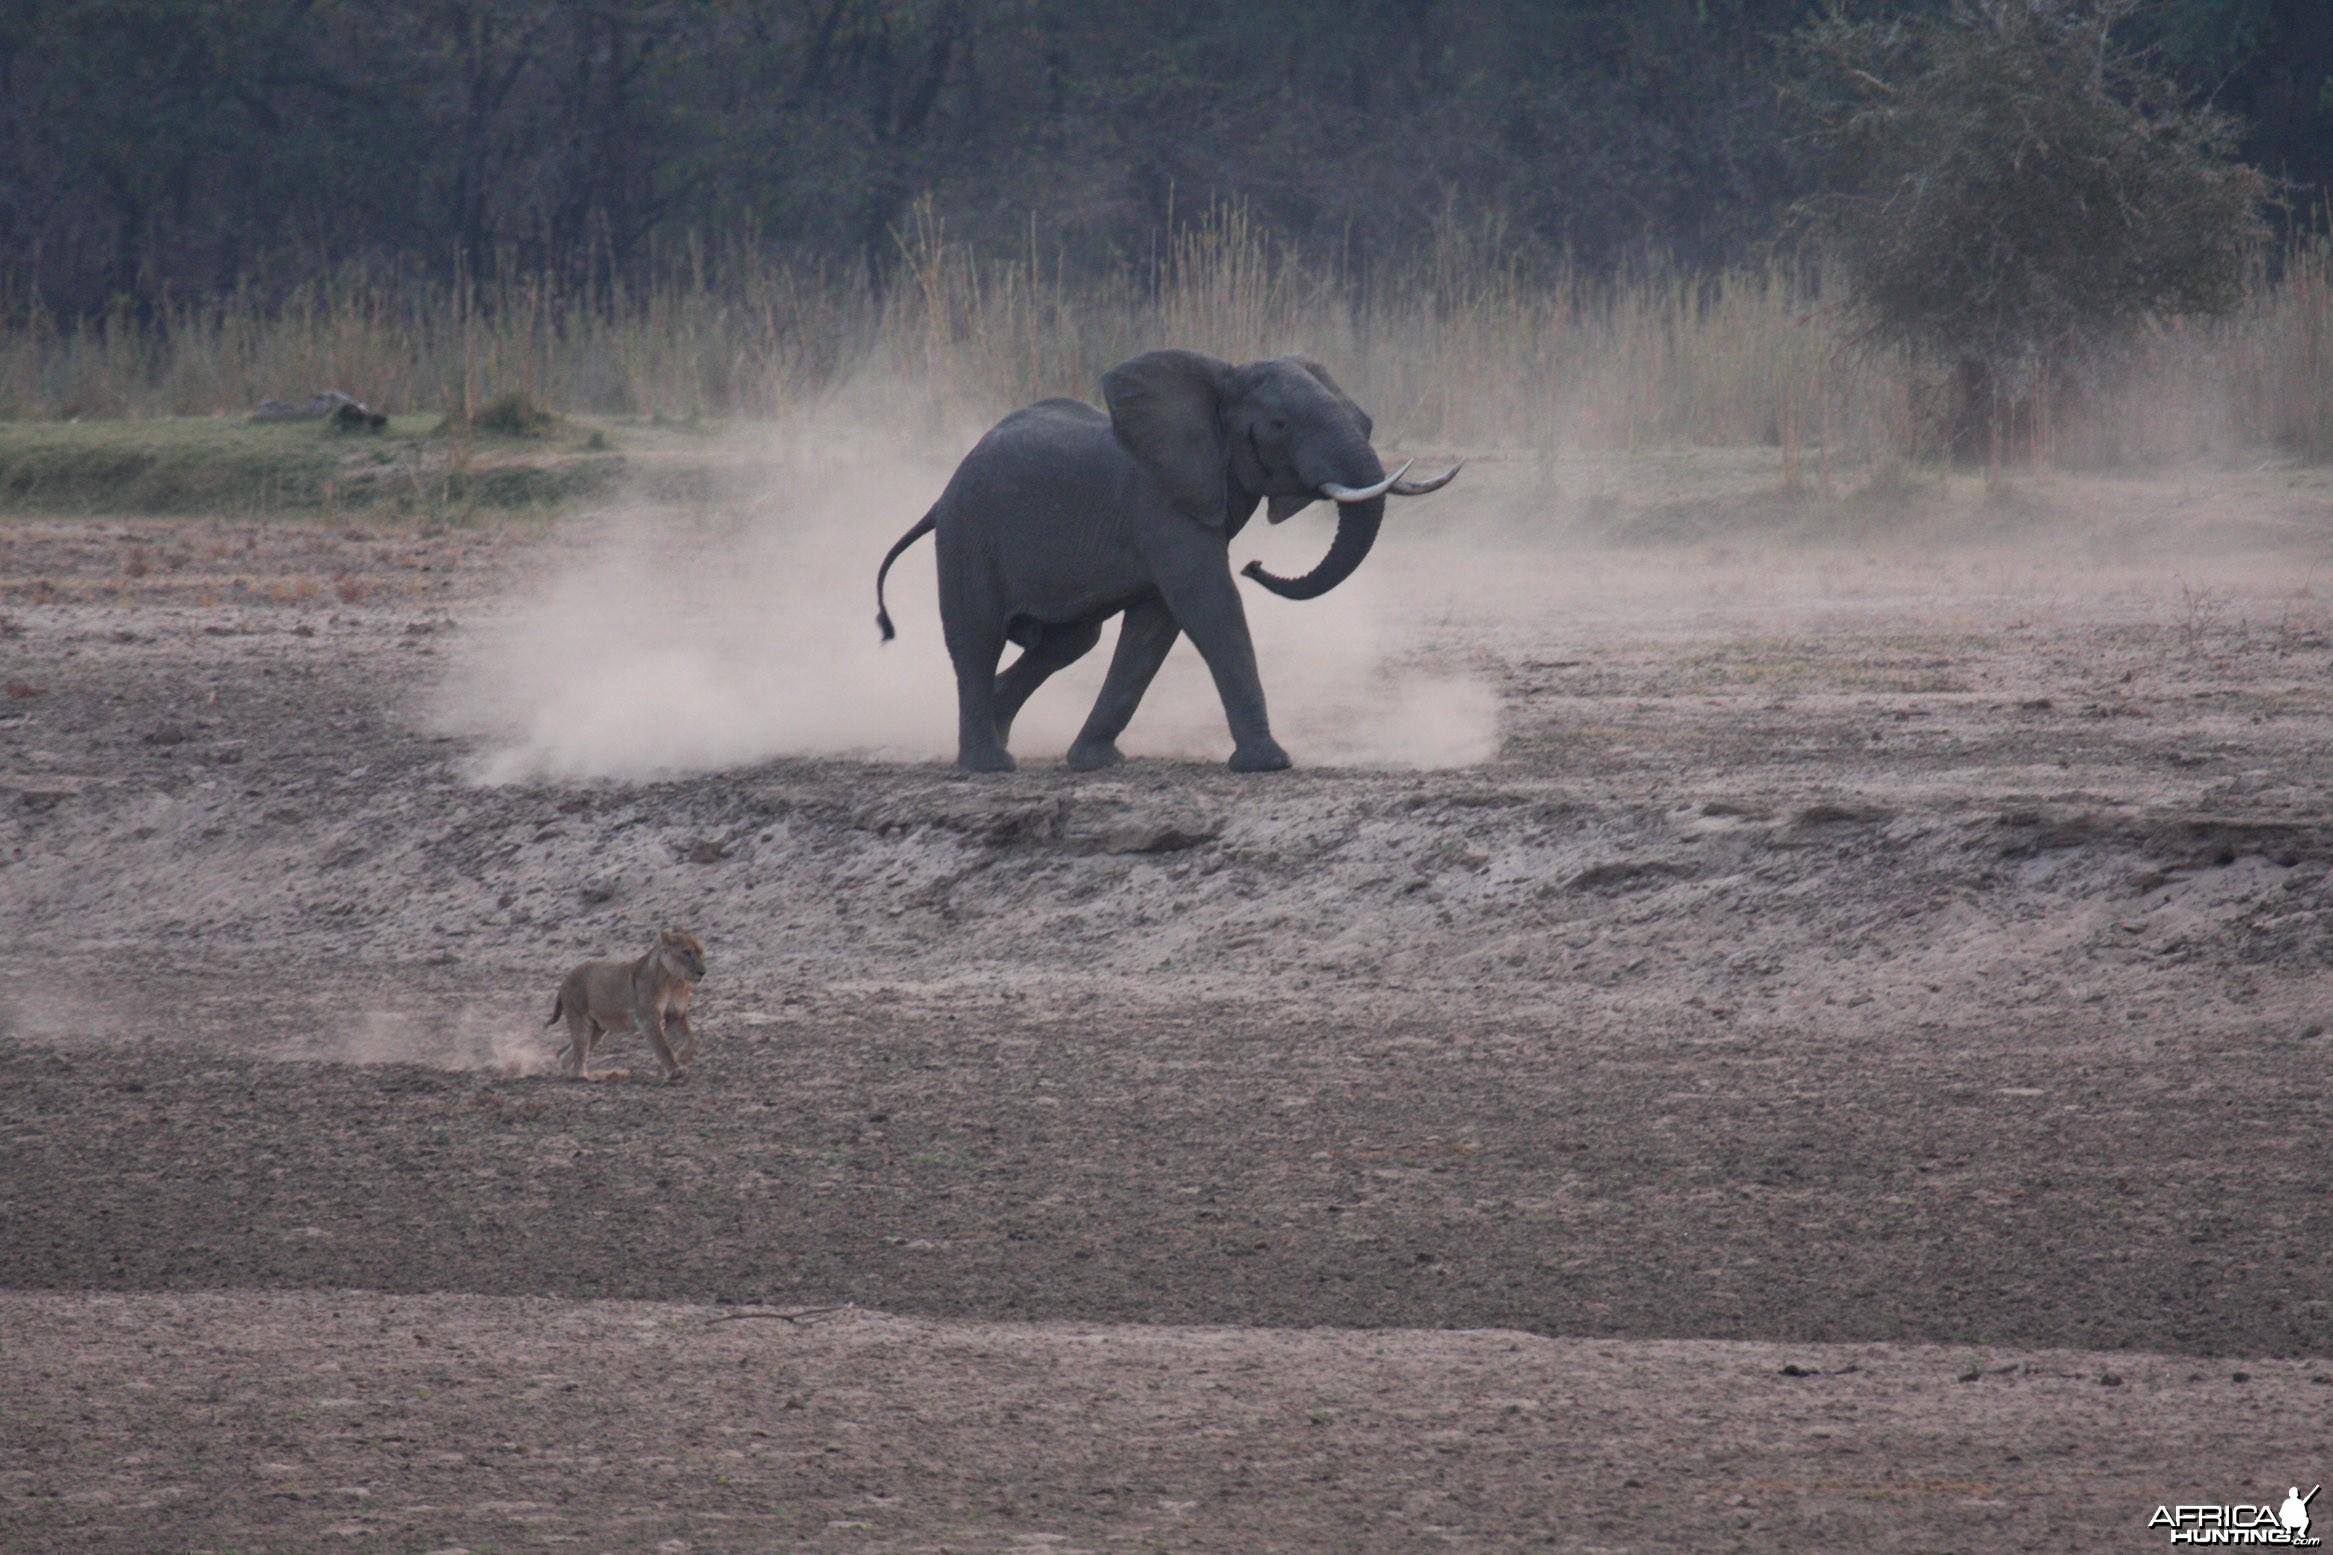 Ele chasing Lions 2